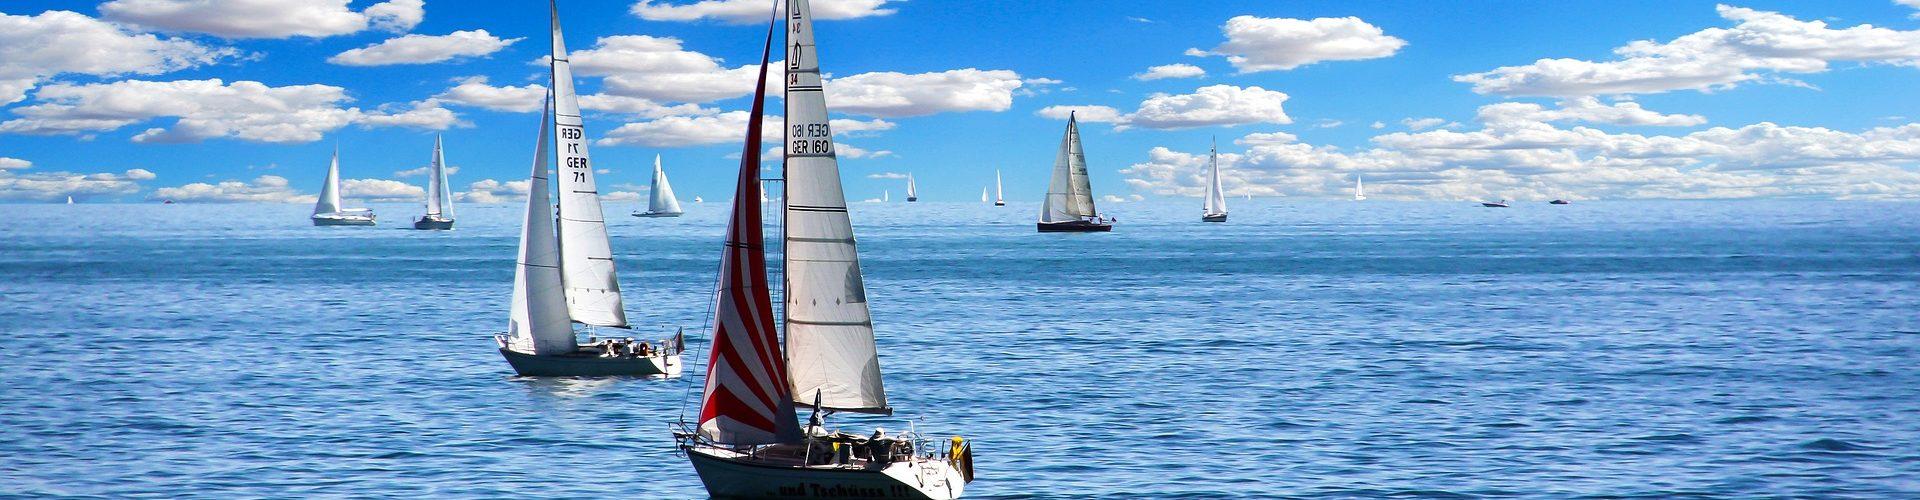 segeln lernen in Hohwacht segelschein machen in Hohwacht 1920x500 - Segeln lernen in Hohwacht